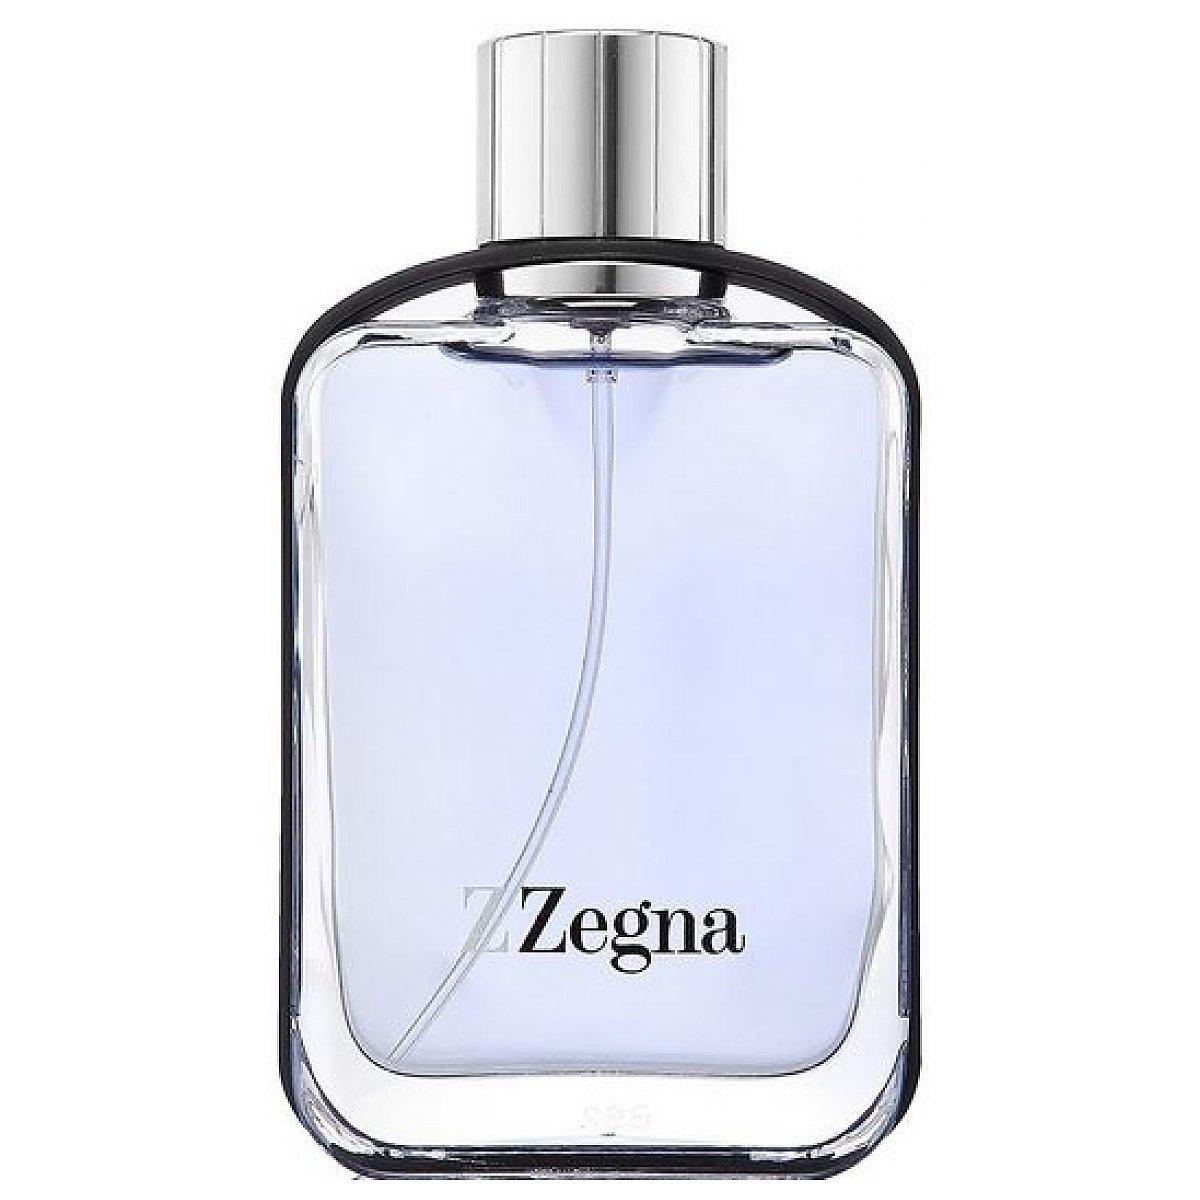 Ermenegildo Zegna Zeta di Zegna tester Woda toaletowa spray 100ml ... 4dcc62dcb25